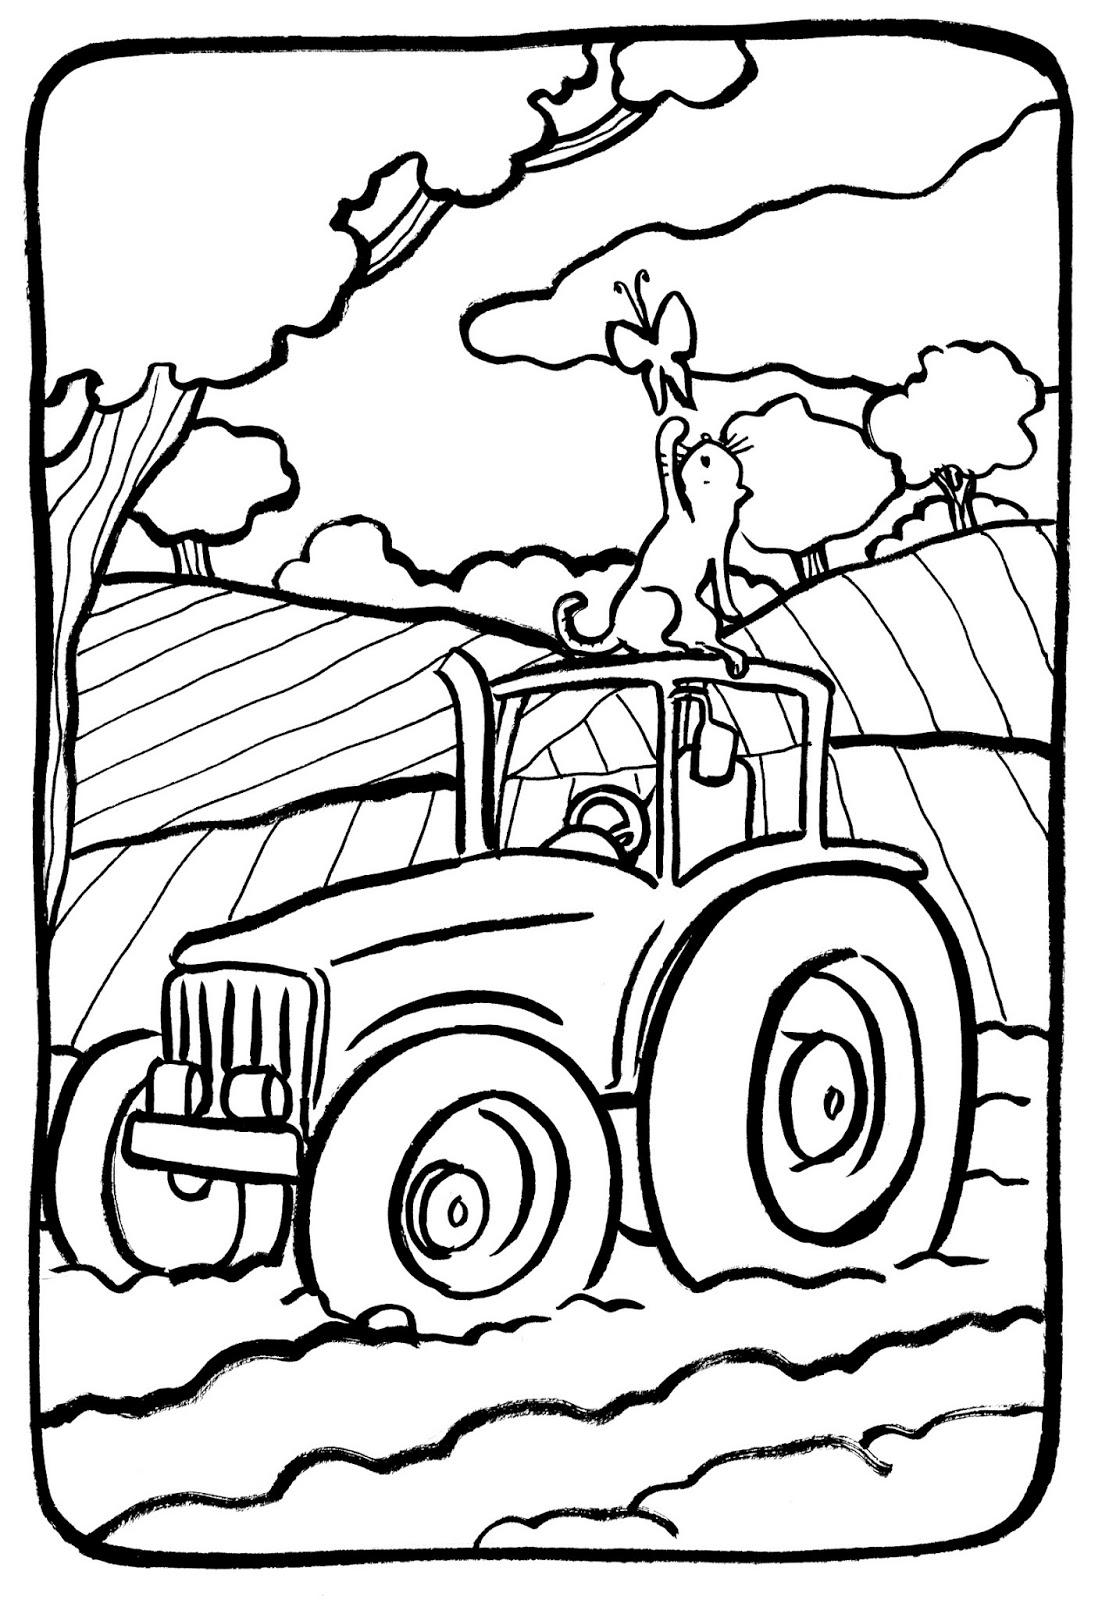 Dessin A Colorier De Tracteur dedans Coloriage Tracteur Tom À Imprimer